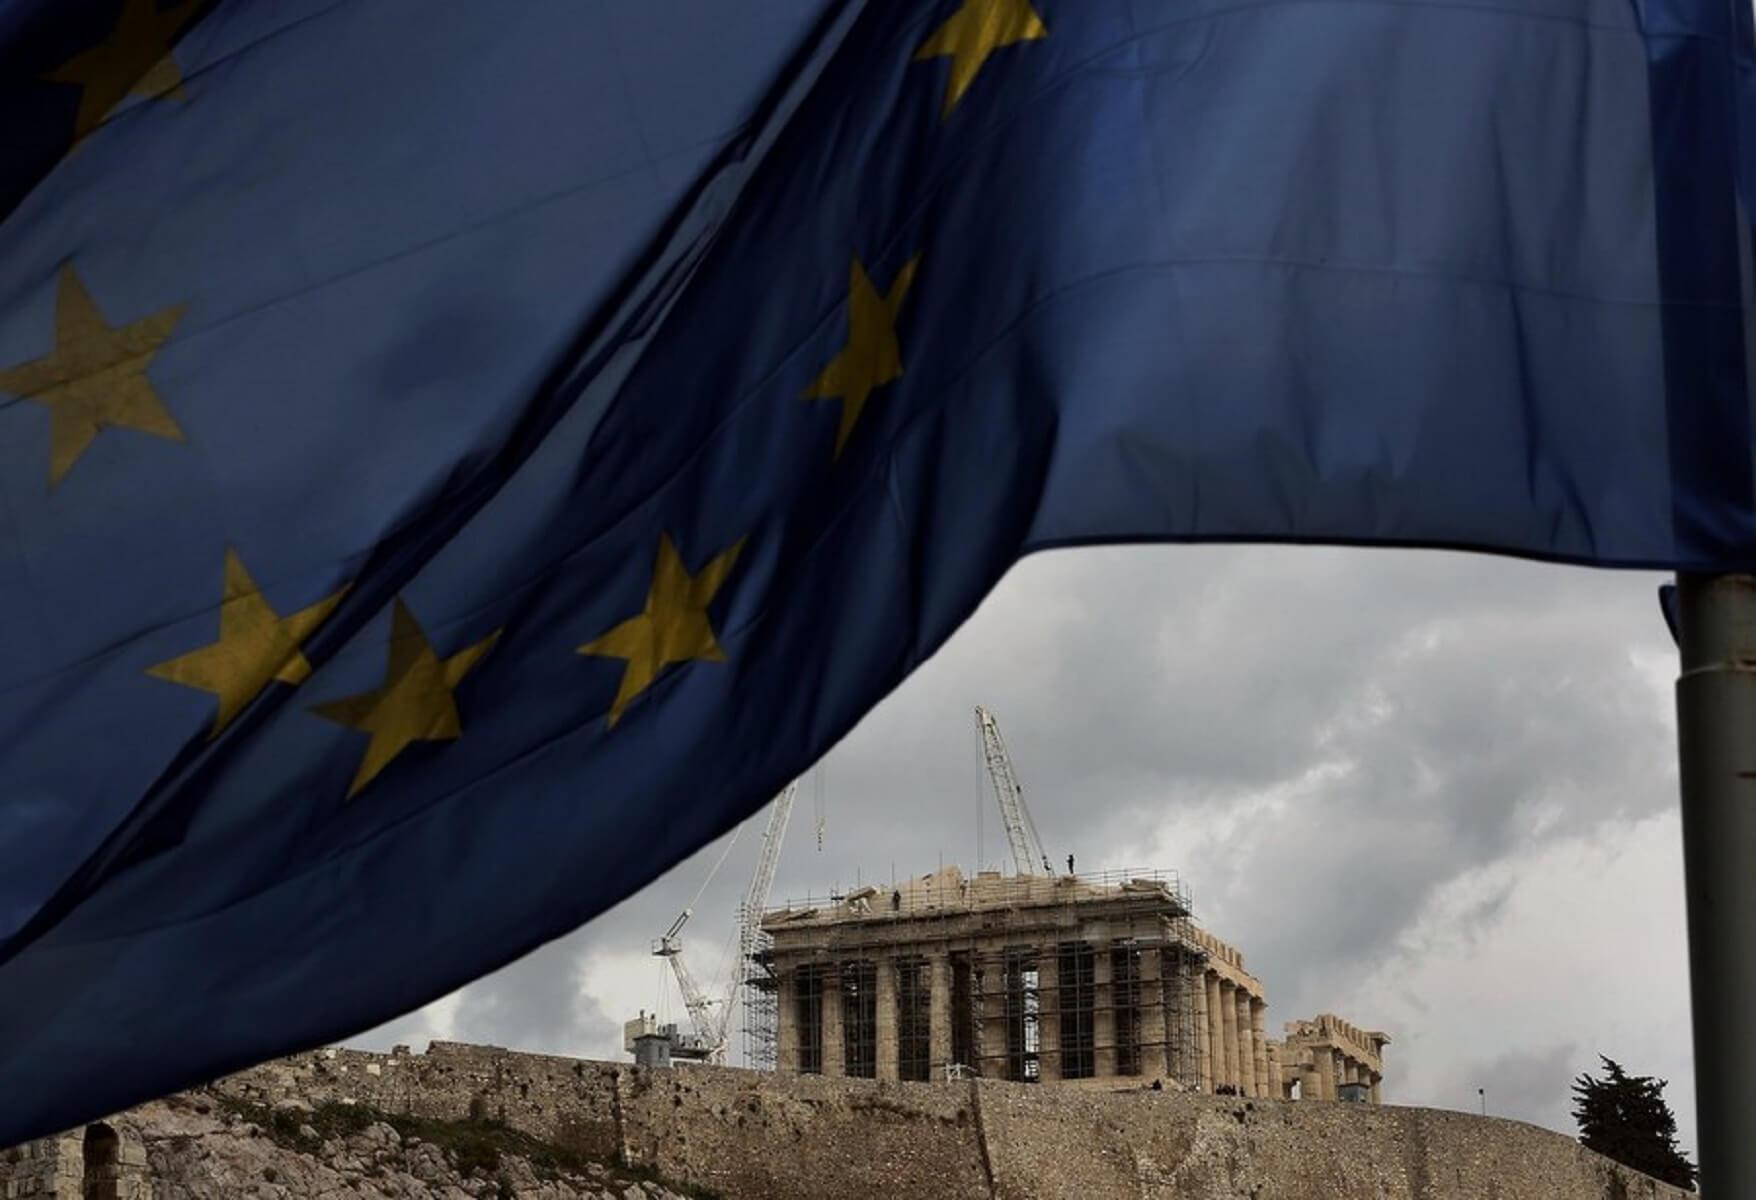 ΟΟΣΑ: Μικρότερη ύφεση για την Ελλάδα σε σχέση με το μέσο όρο της ευρωζώνης